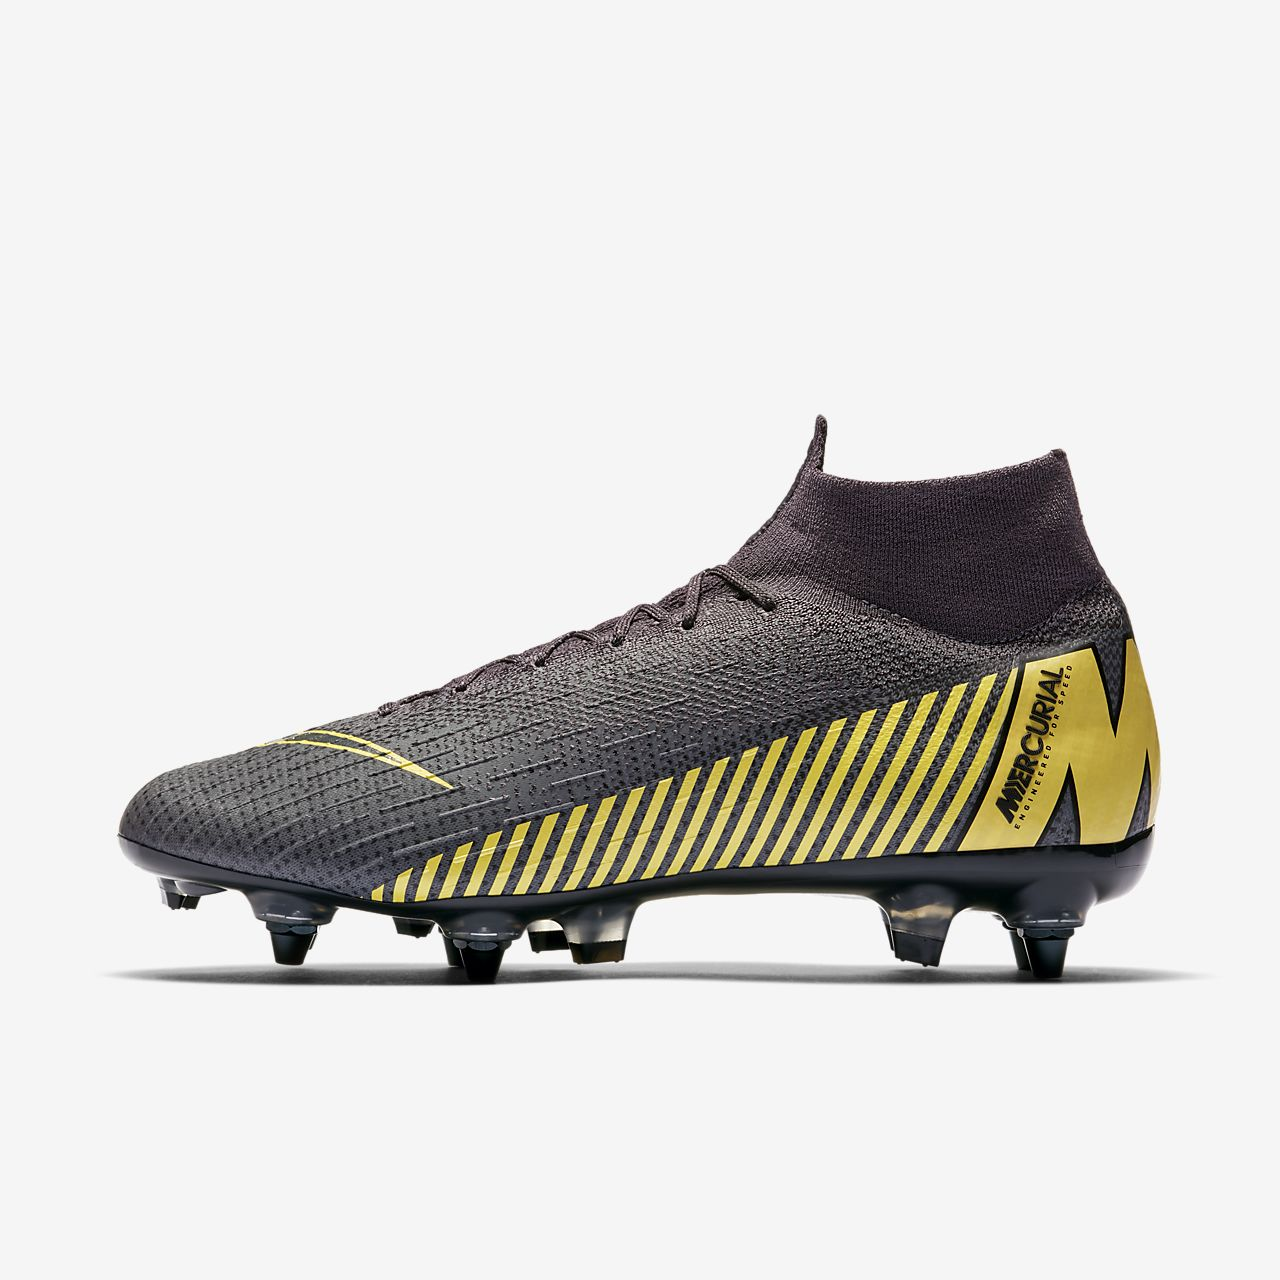 Nike Mercurial Superfly 360 Elite SG-PRO Anti-Clog lágy talajra készült  stoplis futballcipő 515604ce6d